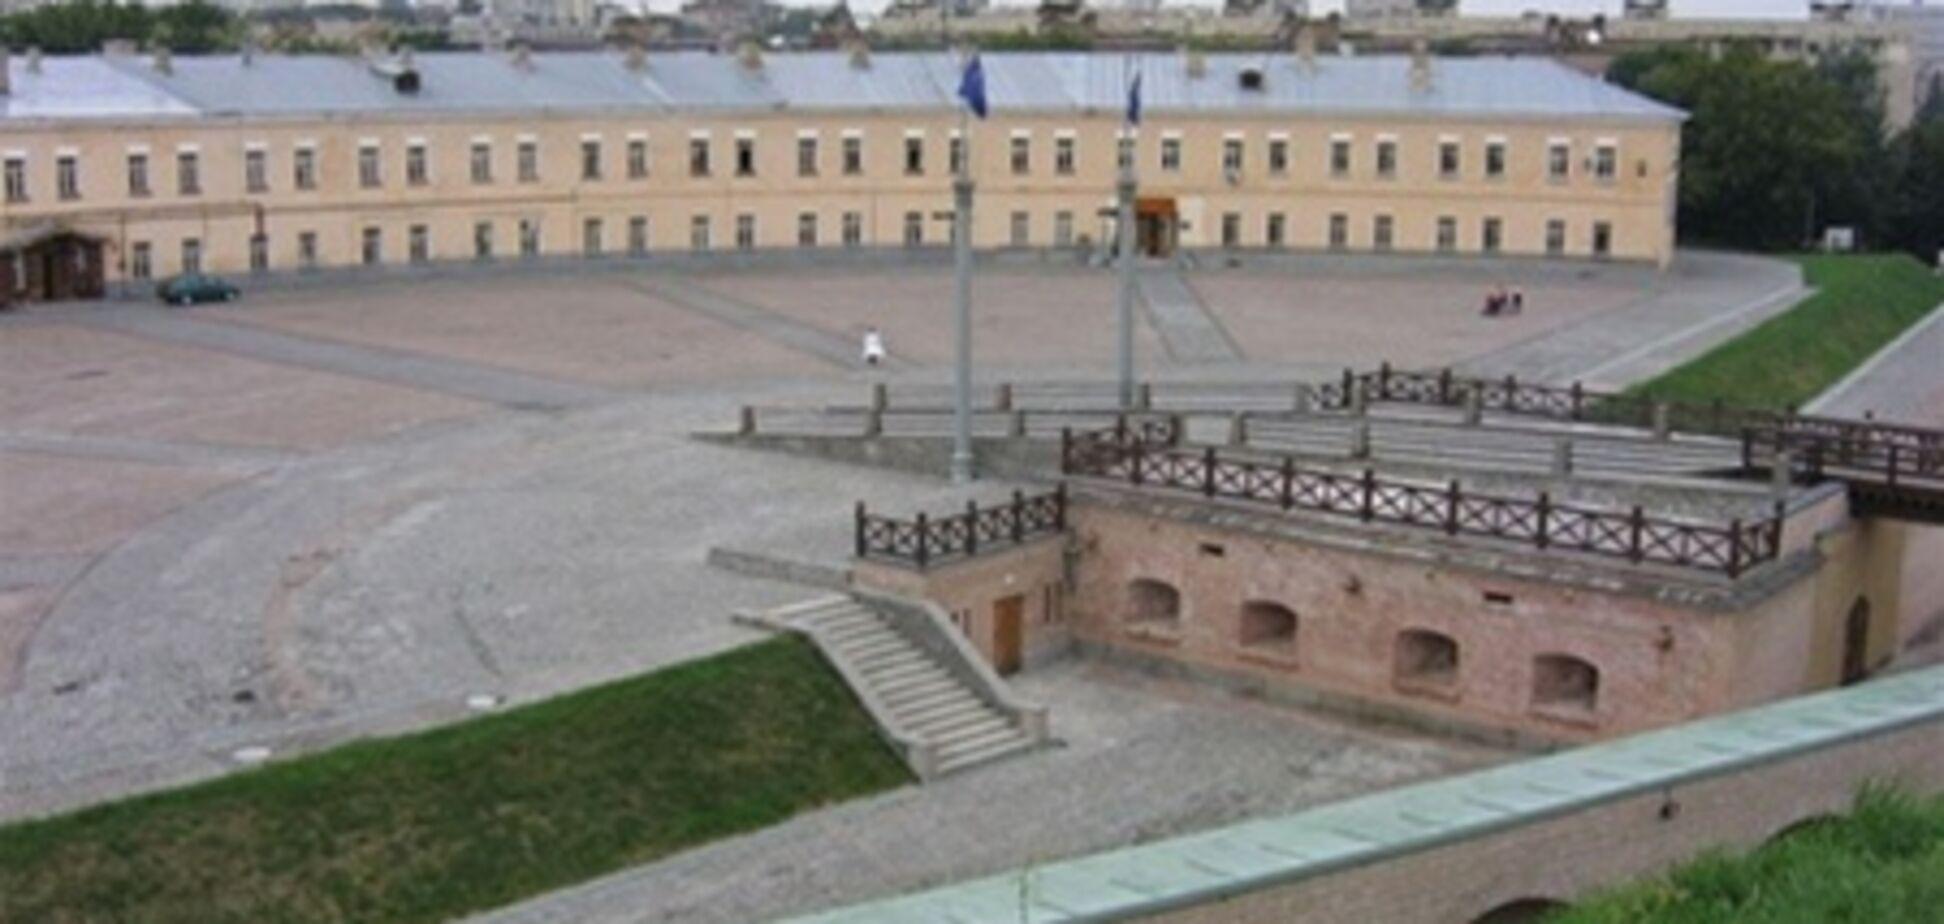 Киевскую крепость частично разрушили - прокуратура